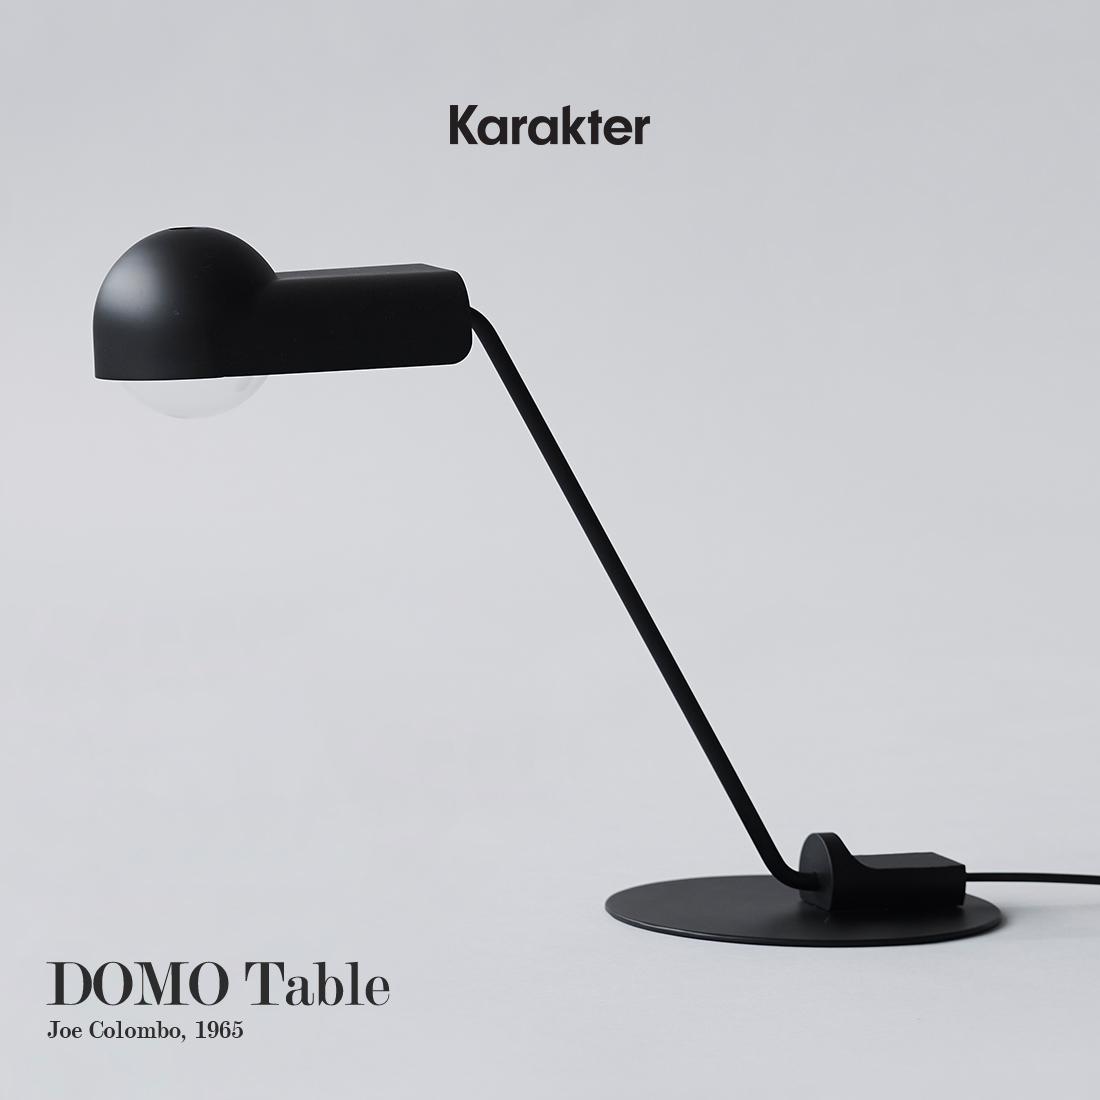 【KARAKTER カラクテー】DOMO TABLE LAMP ドーモ テーブルランプTable Lamp テーブルランプ テーブルライト ジョエコロンボ